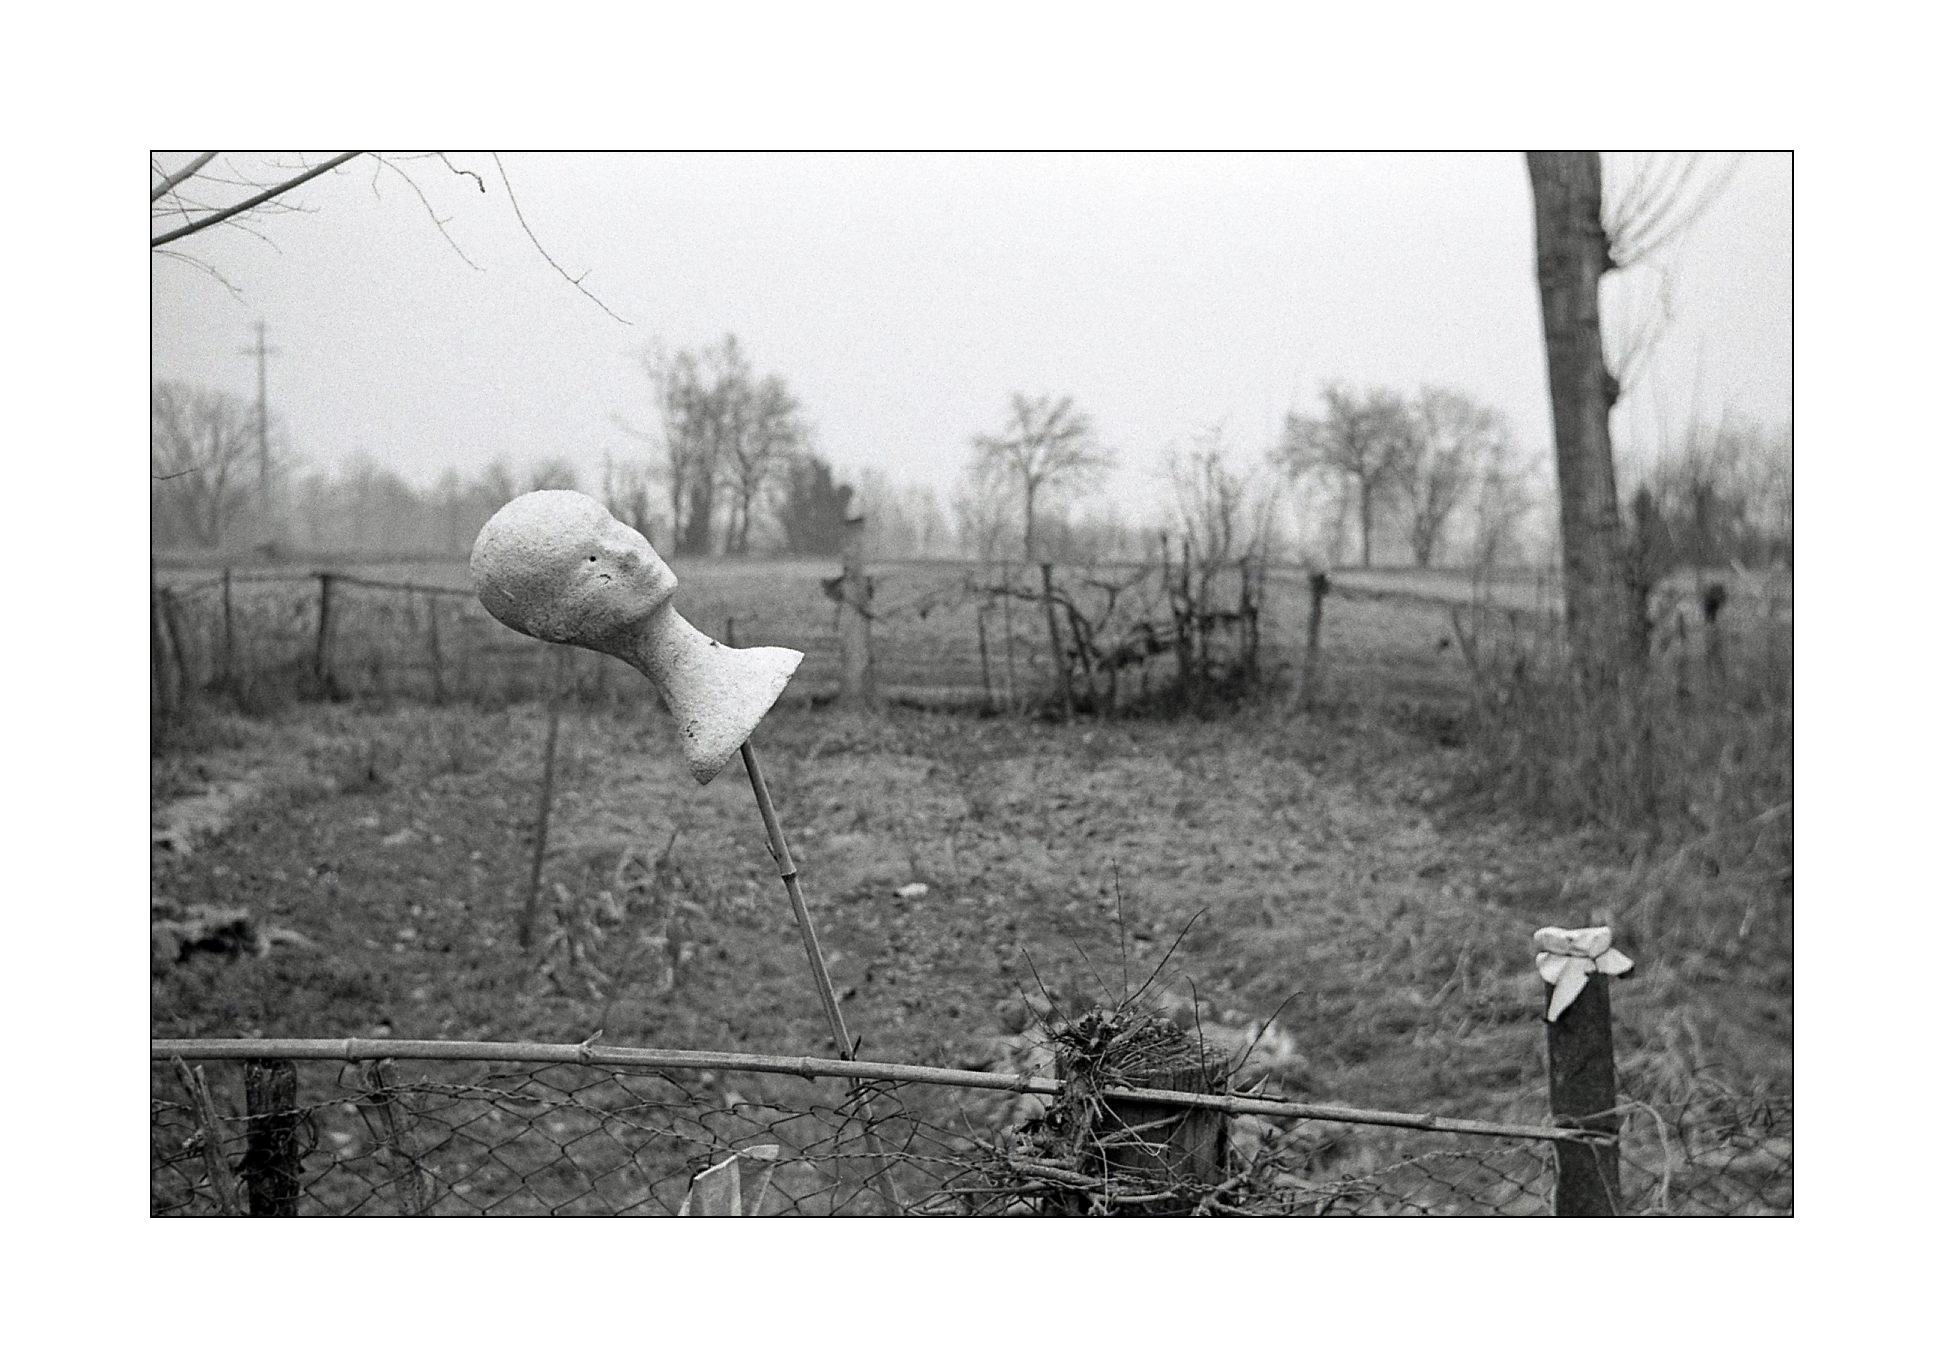 Entfernungsmesser Für Fotografie : Hintergrundbilder : landschaft einfarbig gras fotografie kamera